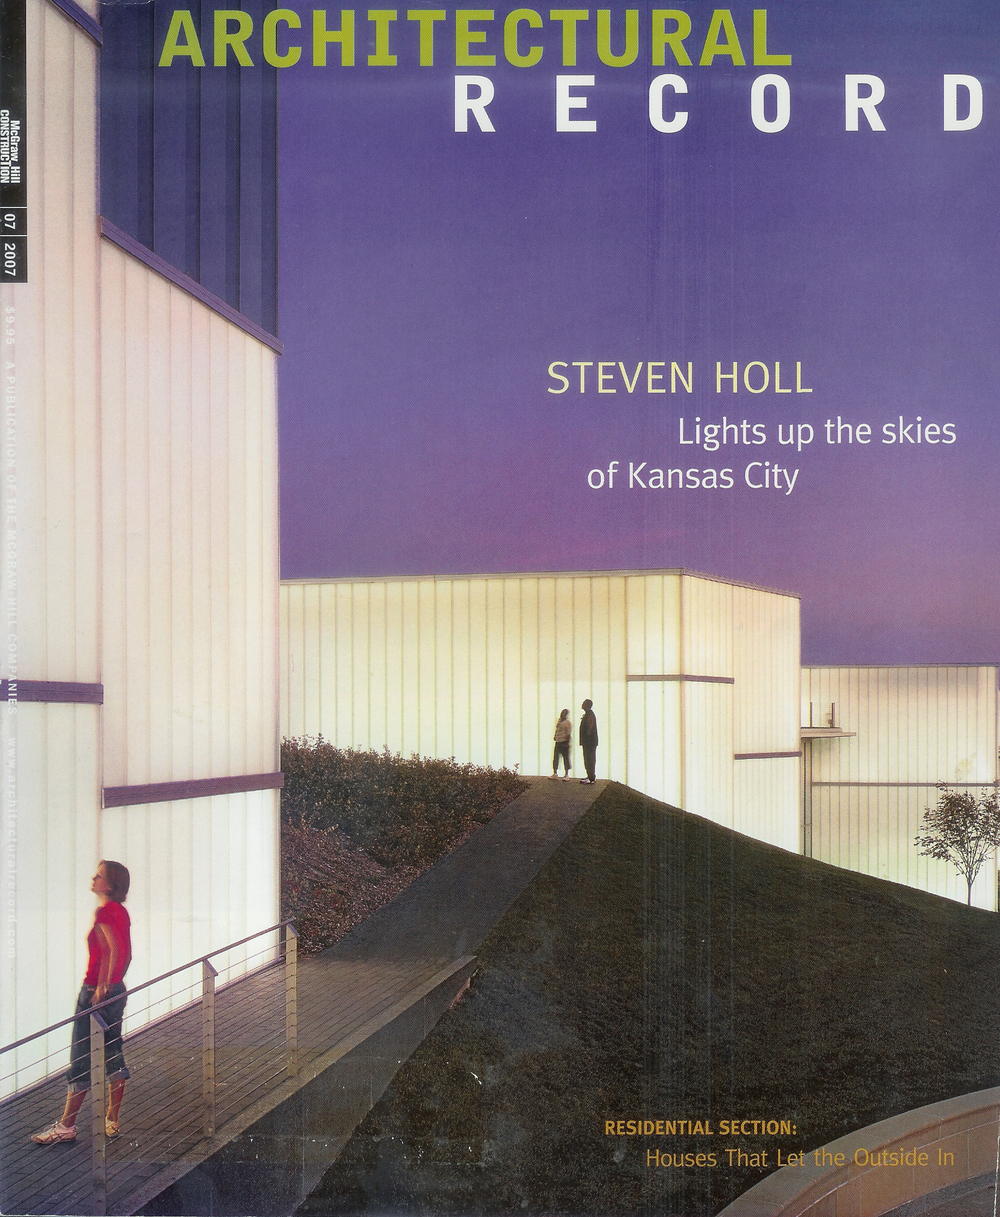 ARCHITECTURAL RECORD  07/07